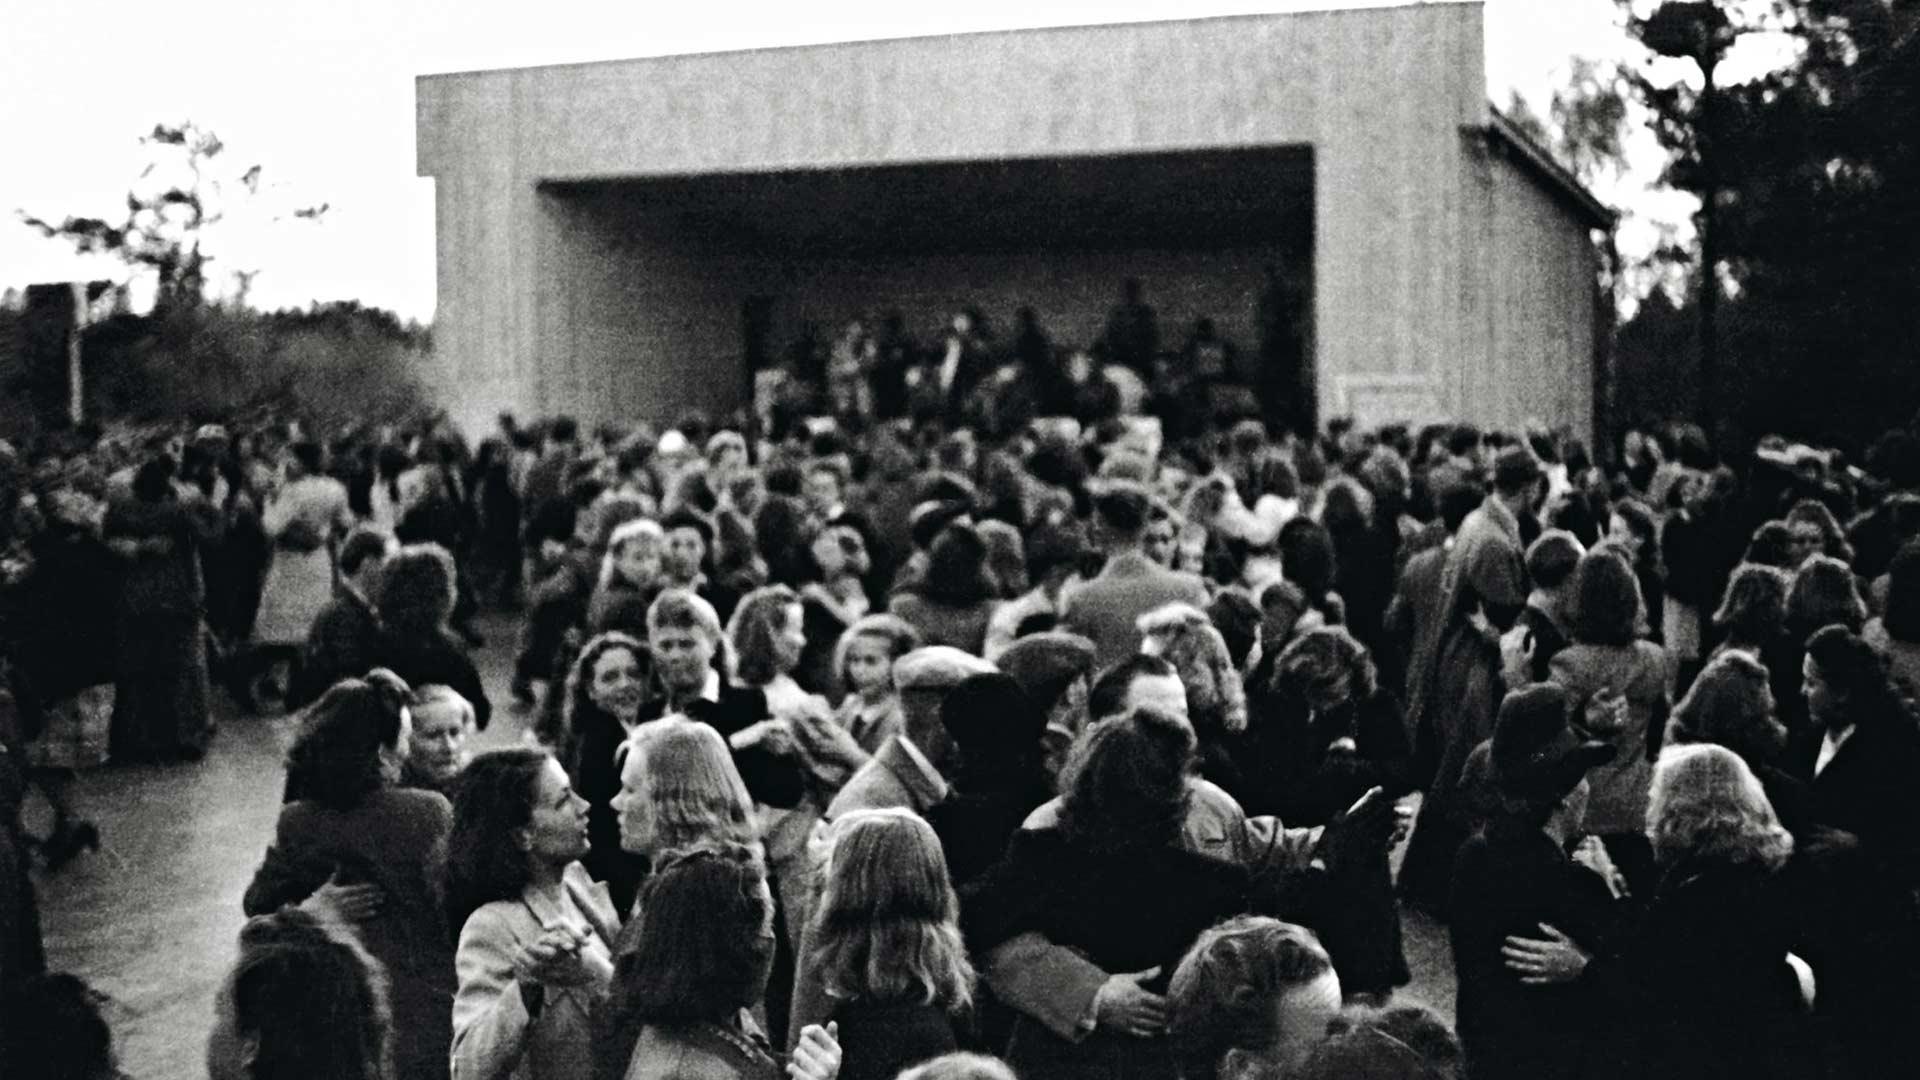 Tanssikielto oli tiukimmillaan 1940-luvun alkuvuosina, mutta sitä höllennettiin välilä, ja lopulta kielto purettiin tiettyjä pyhäpäiviä lukuunottamatta 1948. Alppilavalla Helsingissä uskallettiin vähän jo pyörähdellä 1946.